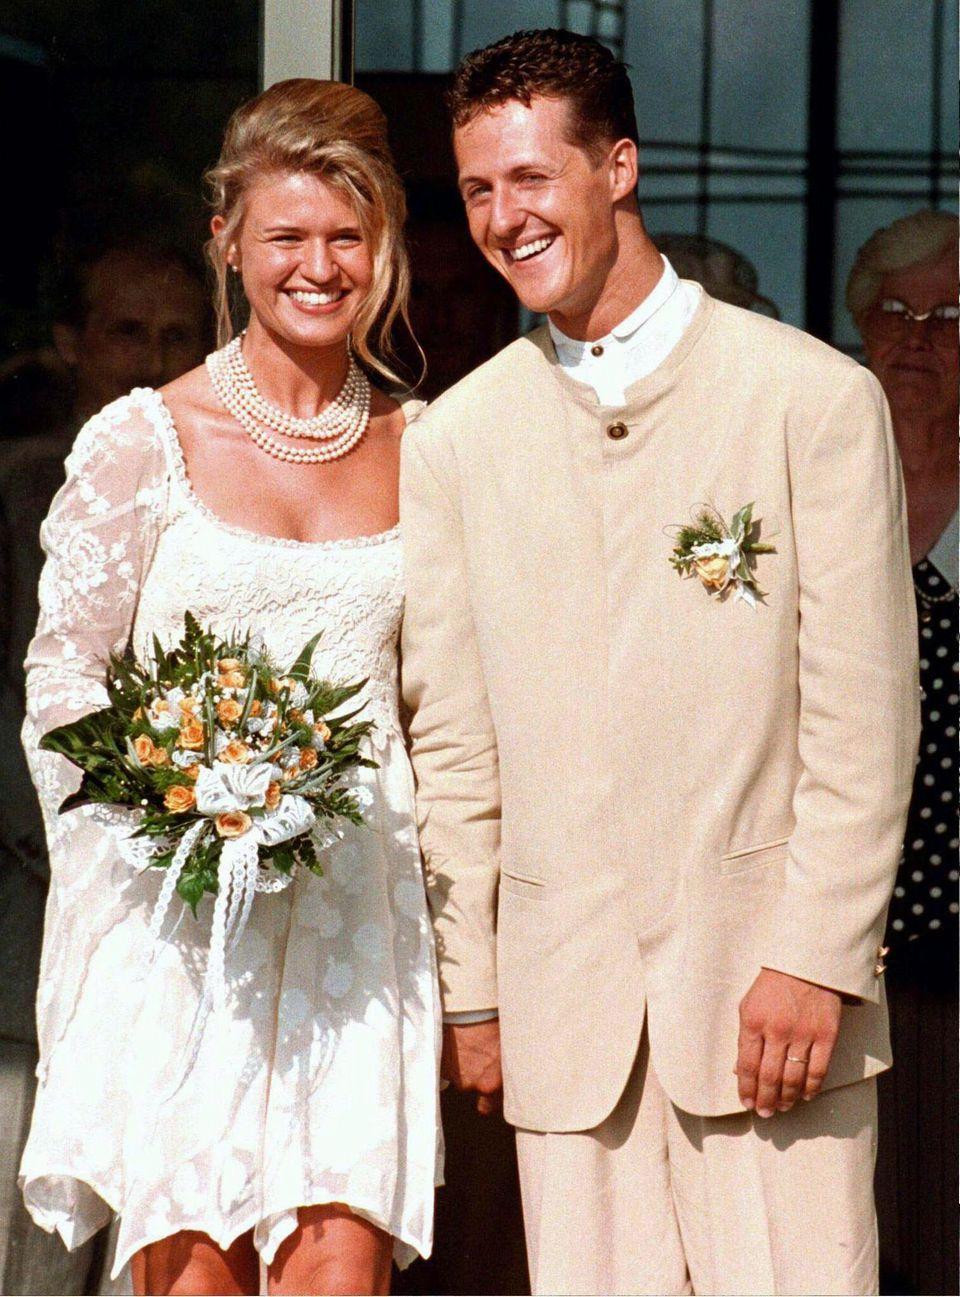 August 1995  Nach vier Jahren Beziehung heiratet Michael Schumacher 1995 Corinna Betsch in Kerpen. Gemeinsam mit den zwei Kindern Gina-Maria und Mick lebt das Paar in der Schweiz.